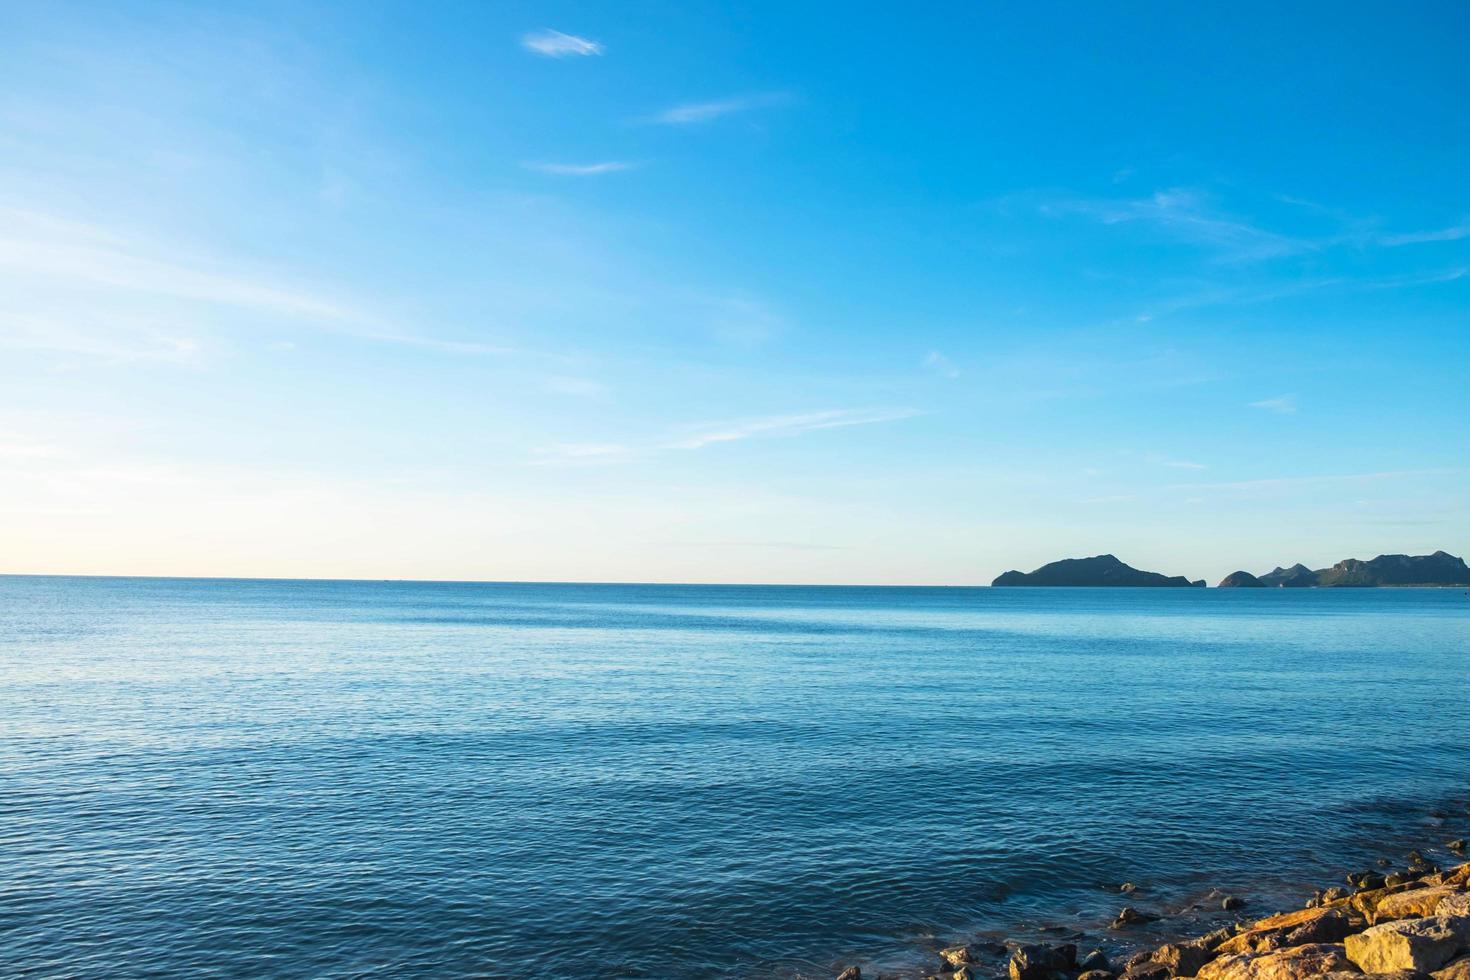 le ciel et la mer en été photo